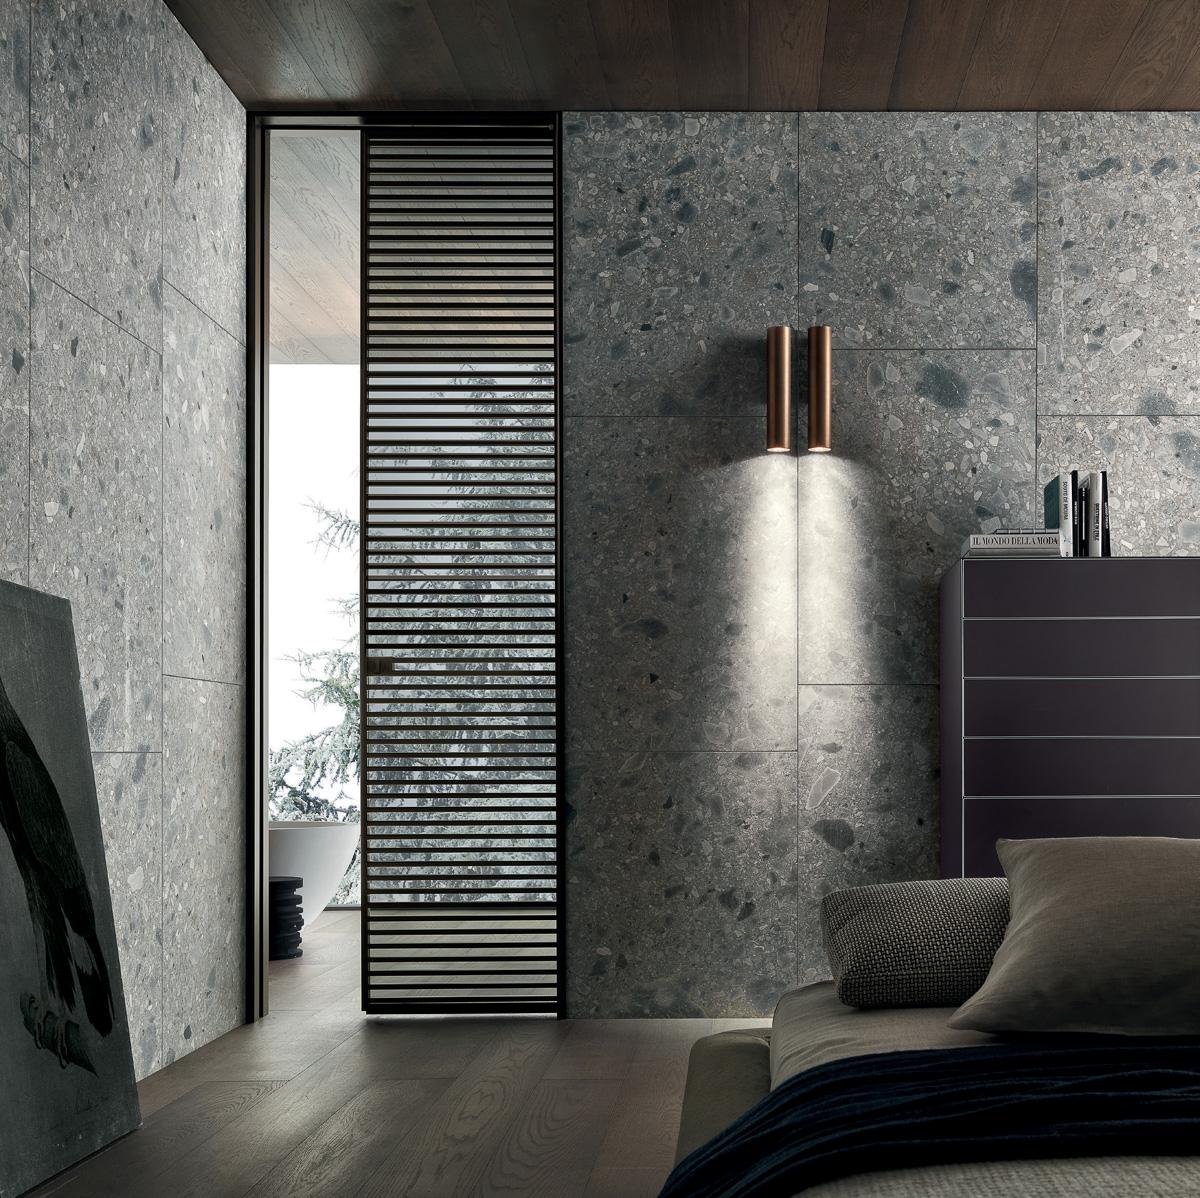 Rimadesio Steinwand aus Fliesen - Innenraumgestaltung